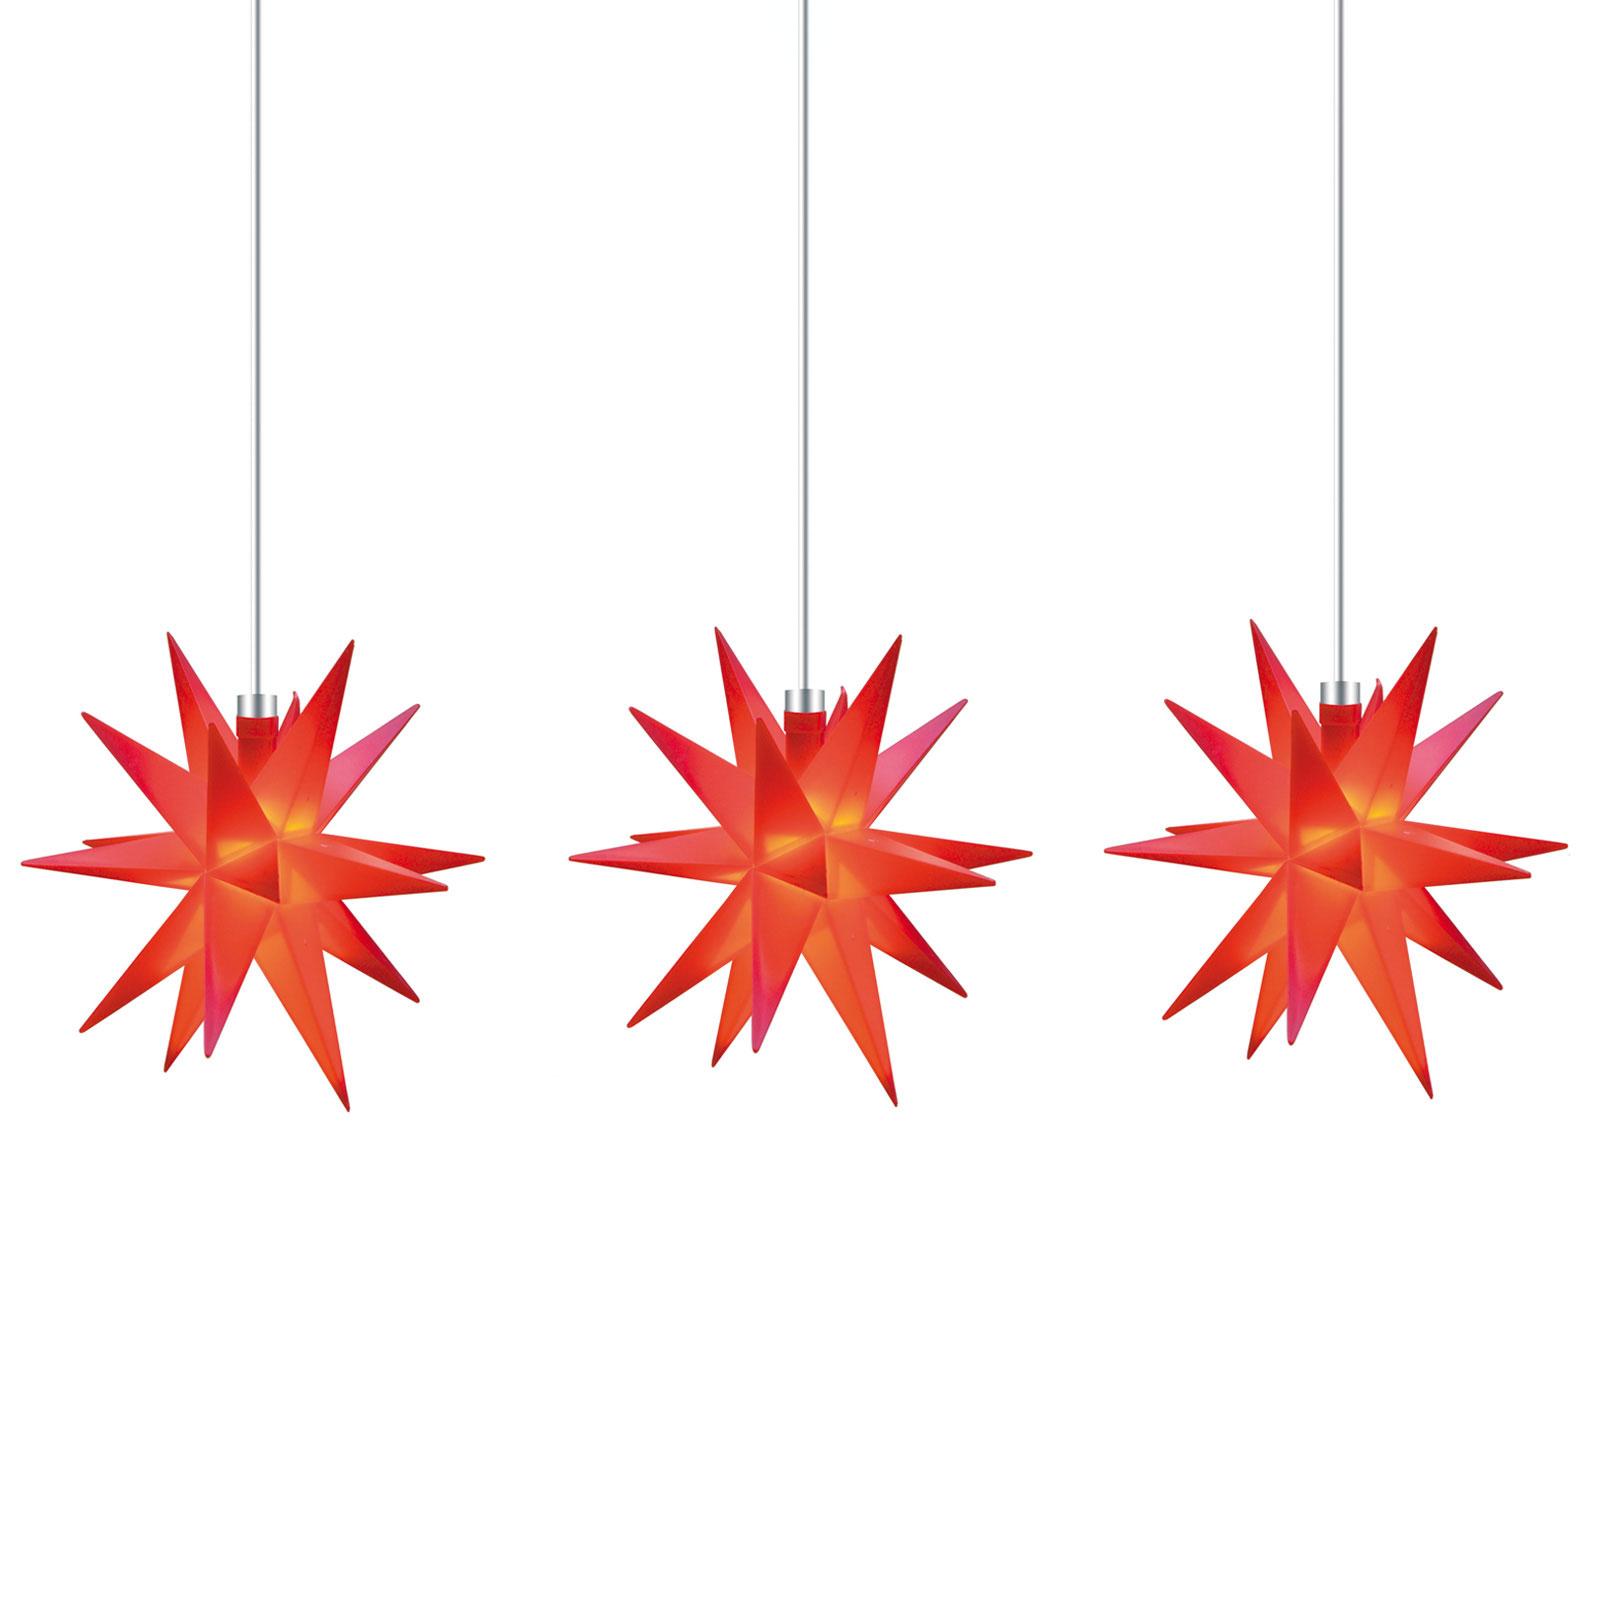 Lichterkette Stern innen, 18-Zacker, 3-flg., rot